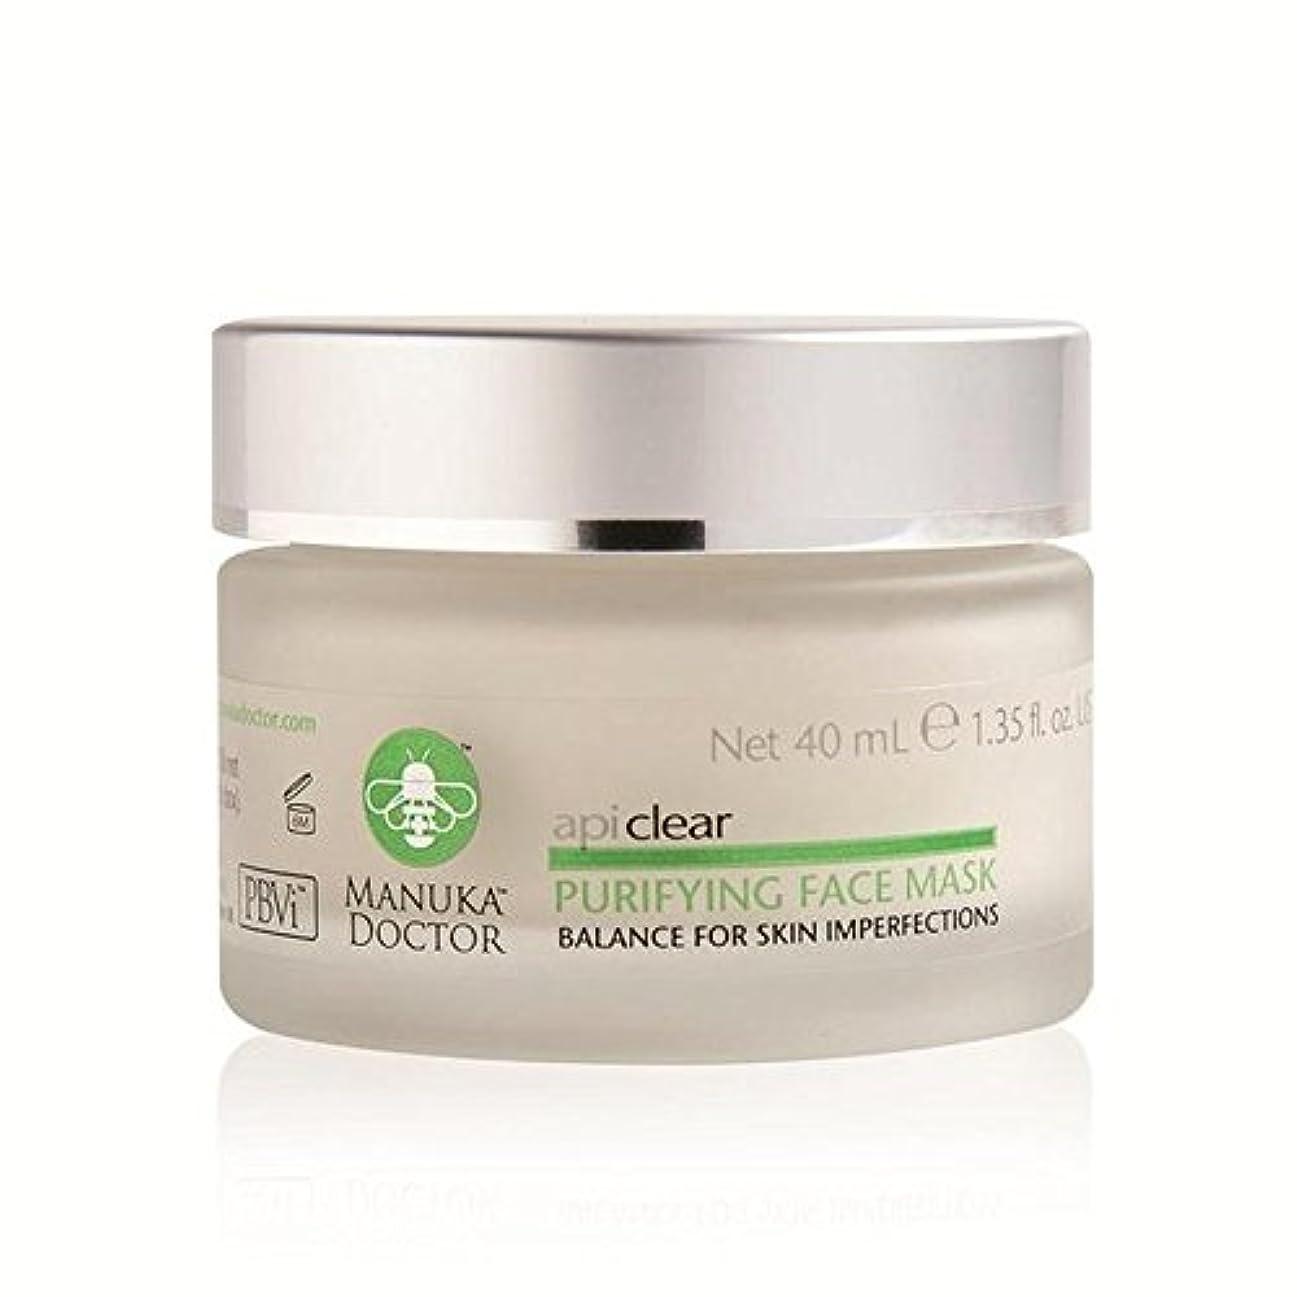 オフセット心理学保育園Manuka Doctor Api Clear Purifying Face Mask 40ml (Pack of 6) - マヌカドクター明確な浄化フェイスマスク40ミリリットル x6 [並行輸入品]